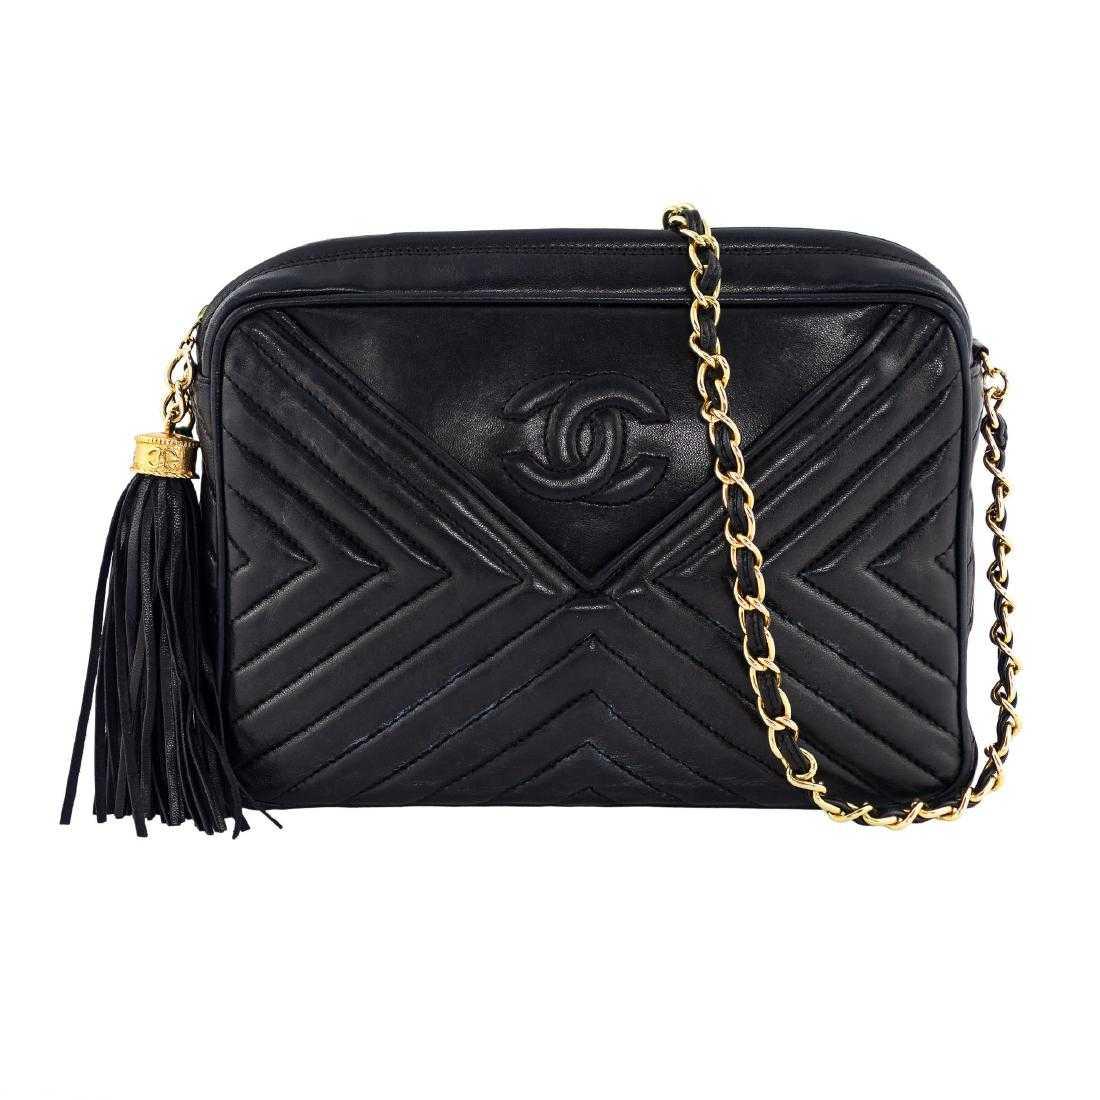 25b7b24298d9 Chanel Black Timeless Camera Bag